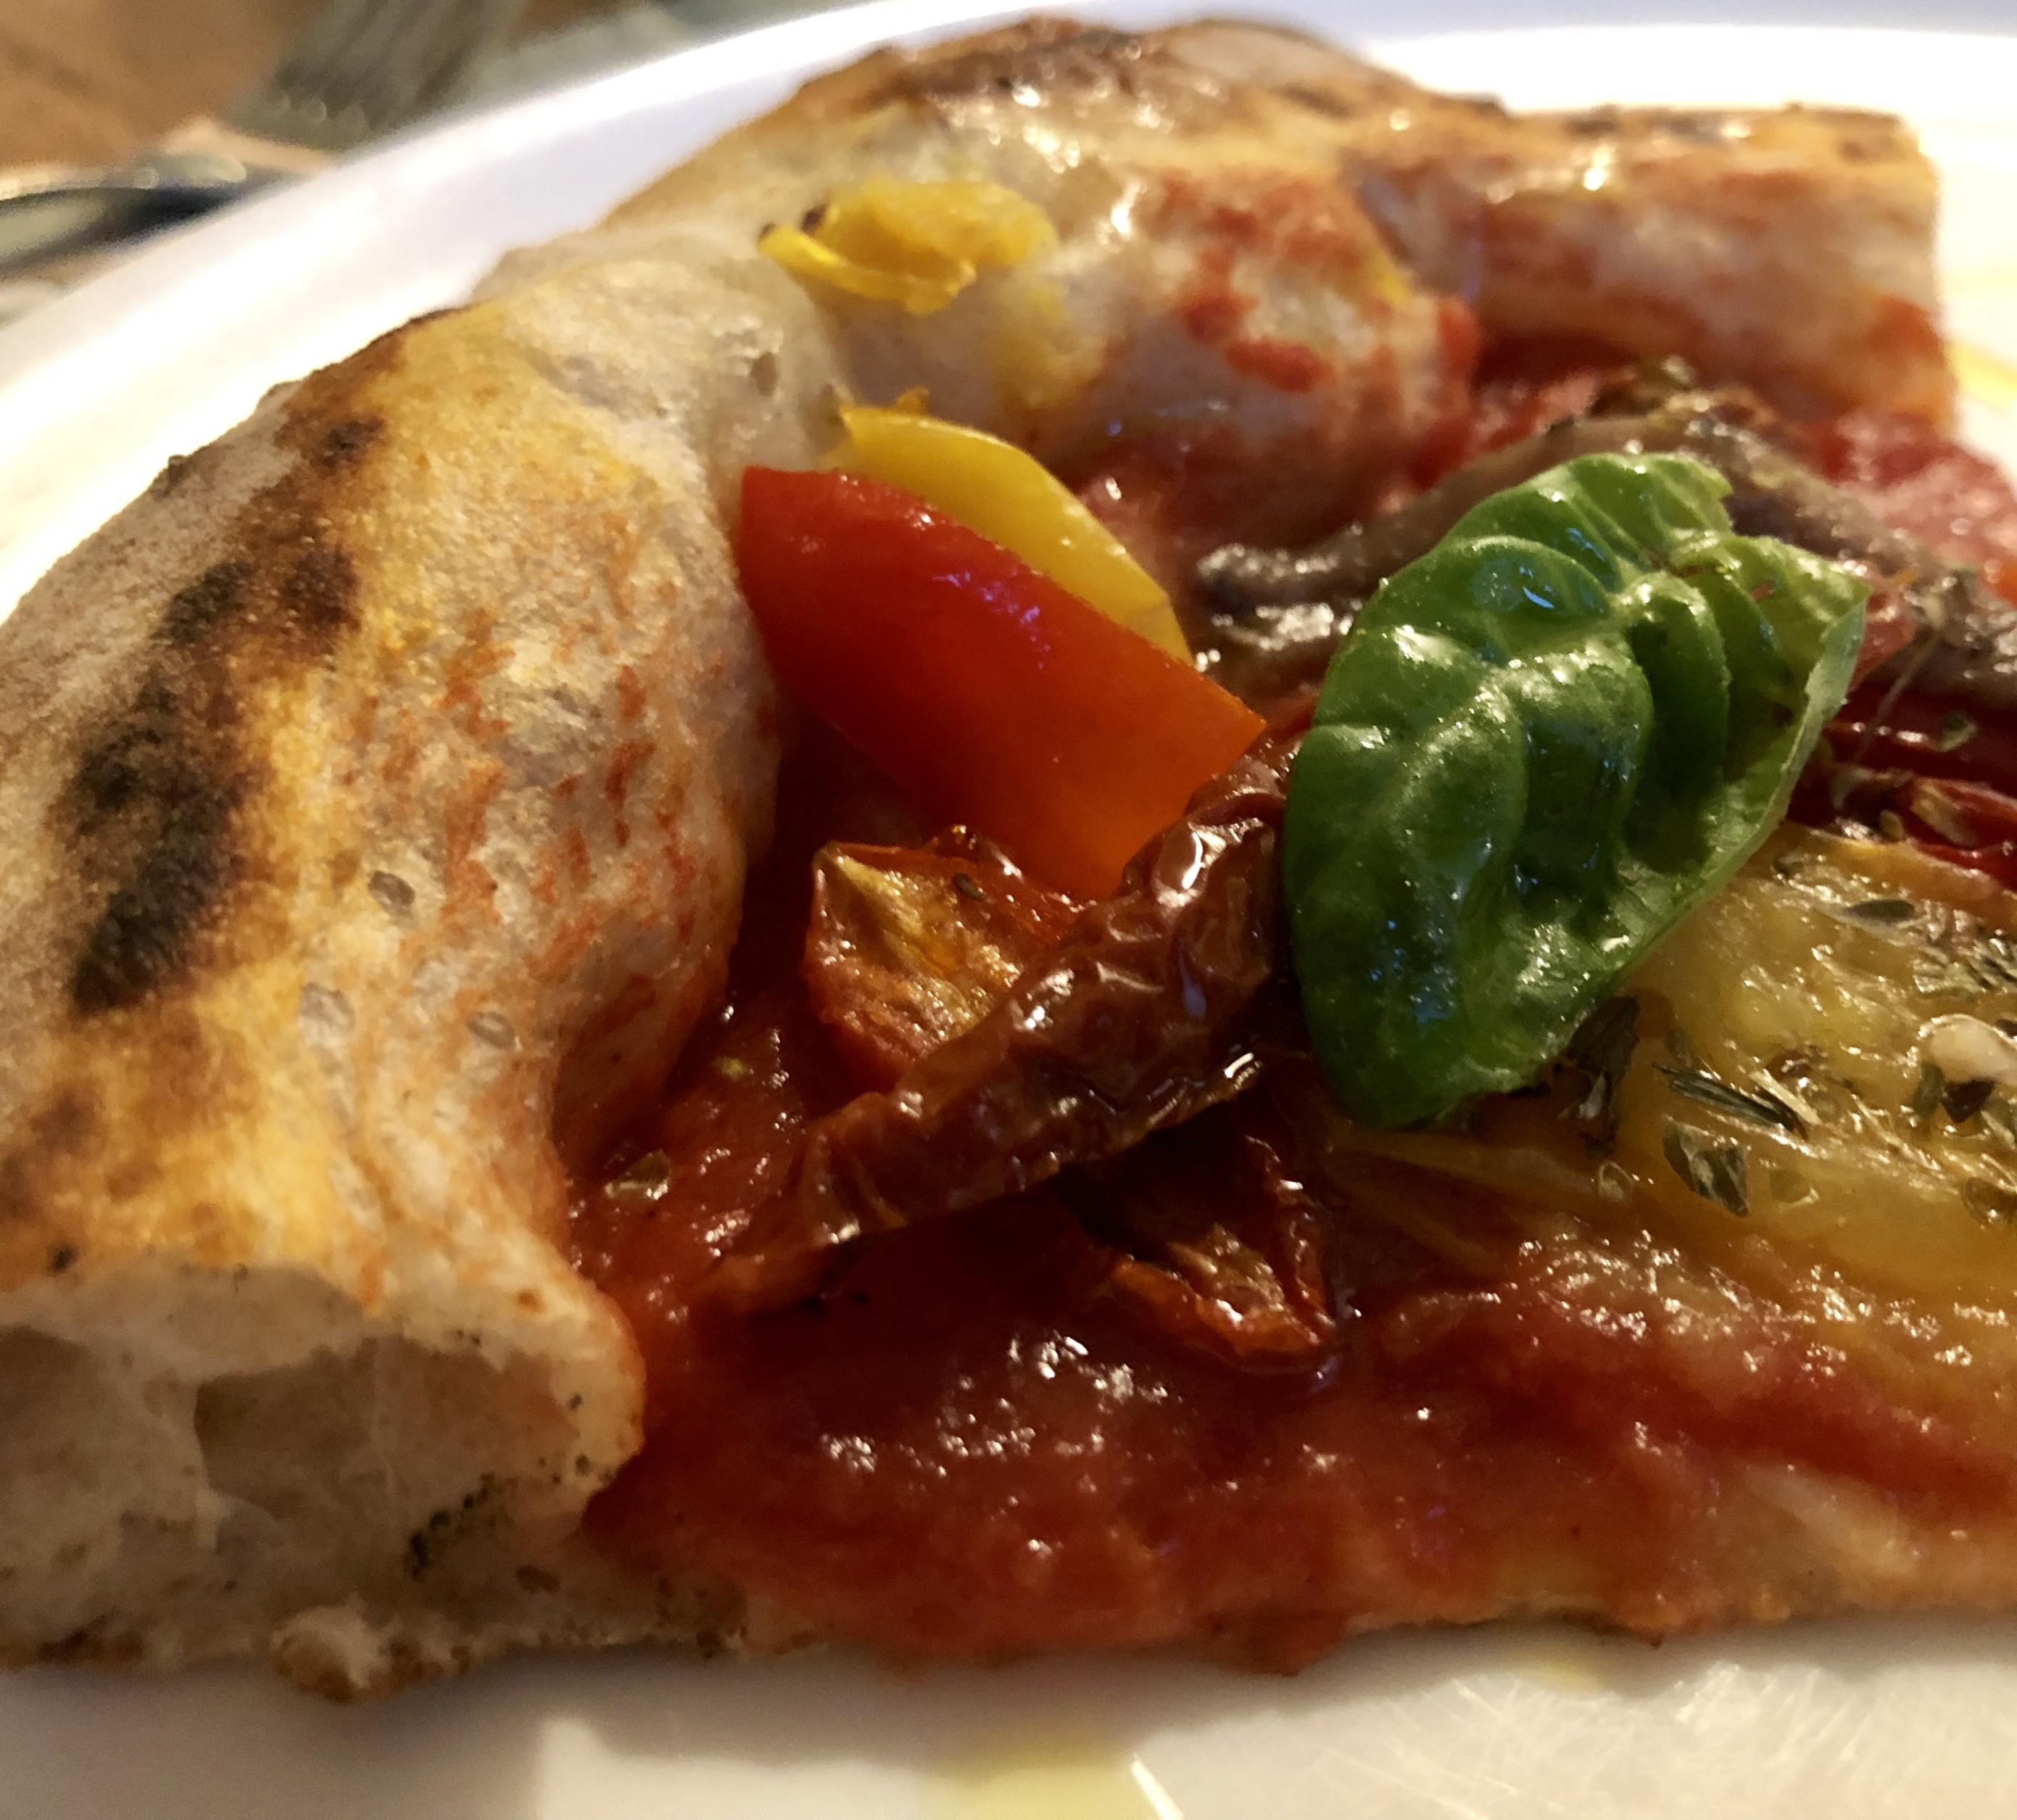 Napoletana o romana? La pizza di qualità spopola a Milano e dintorni